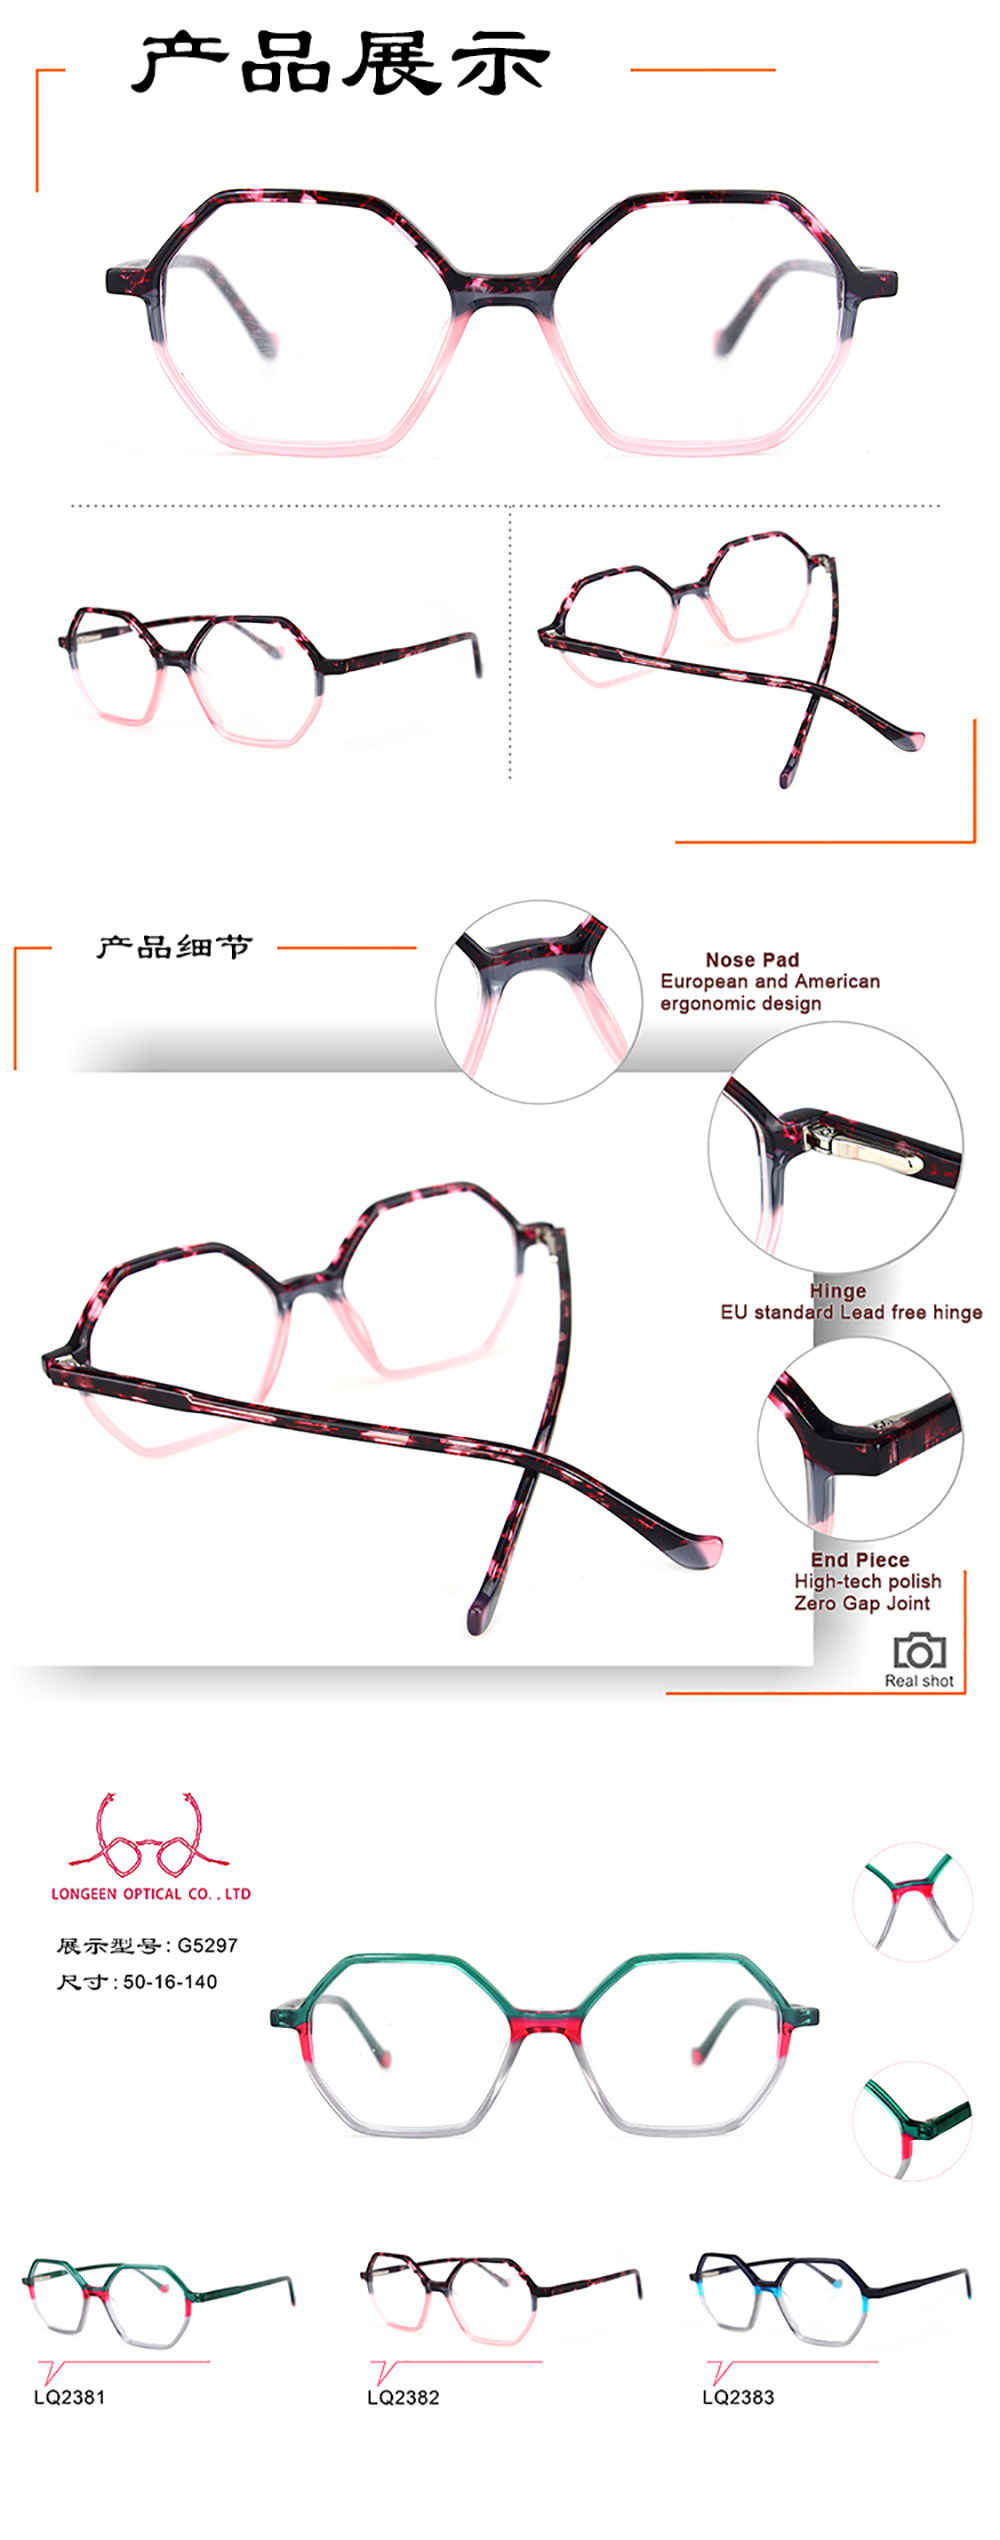 醋酸板材镜架-G5297